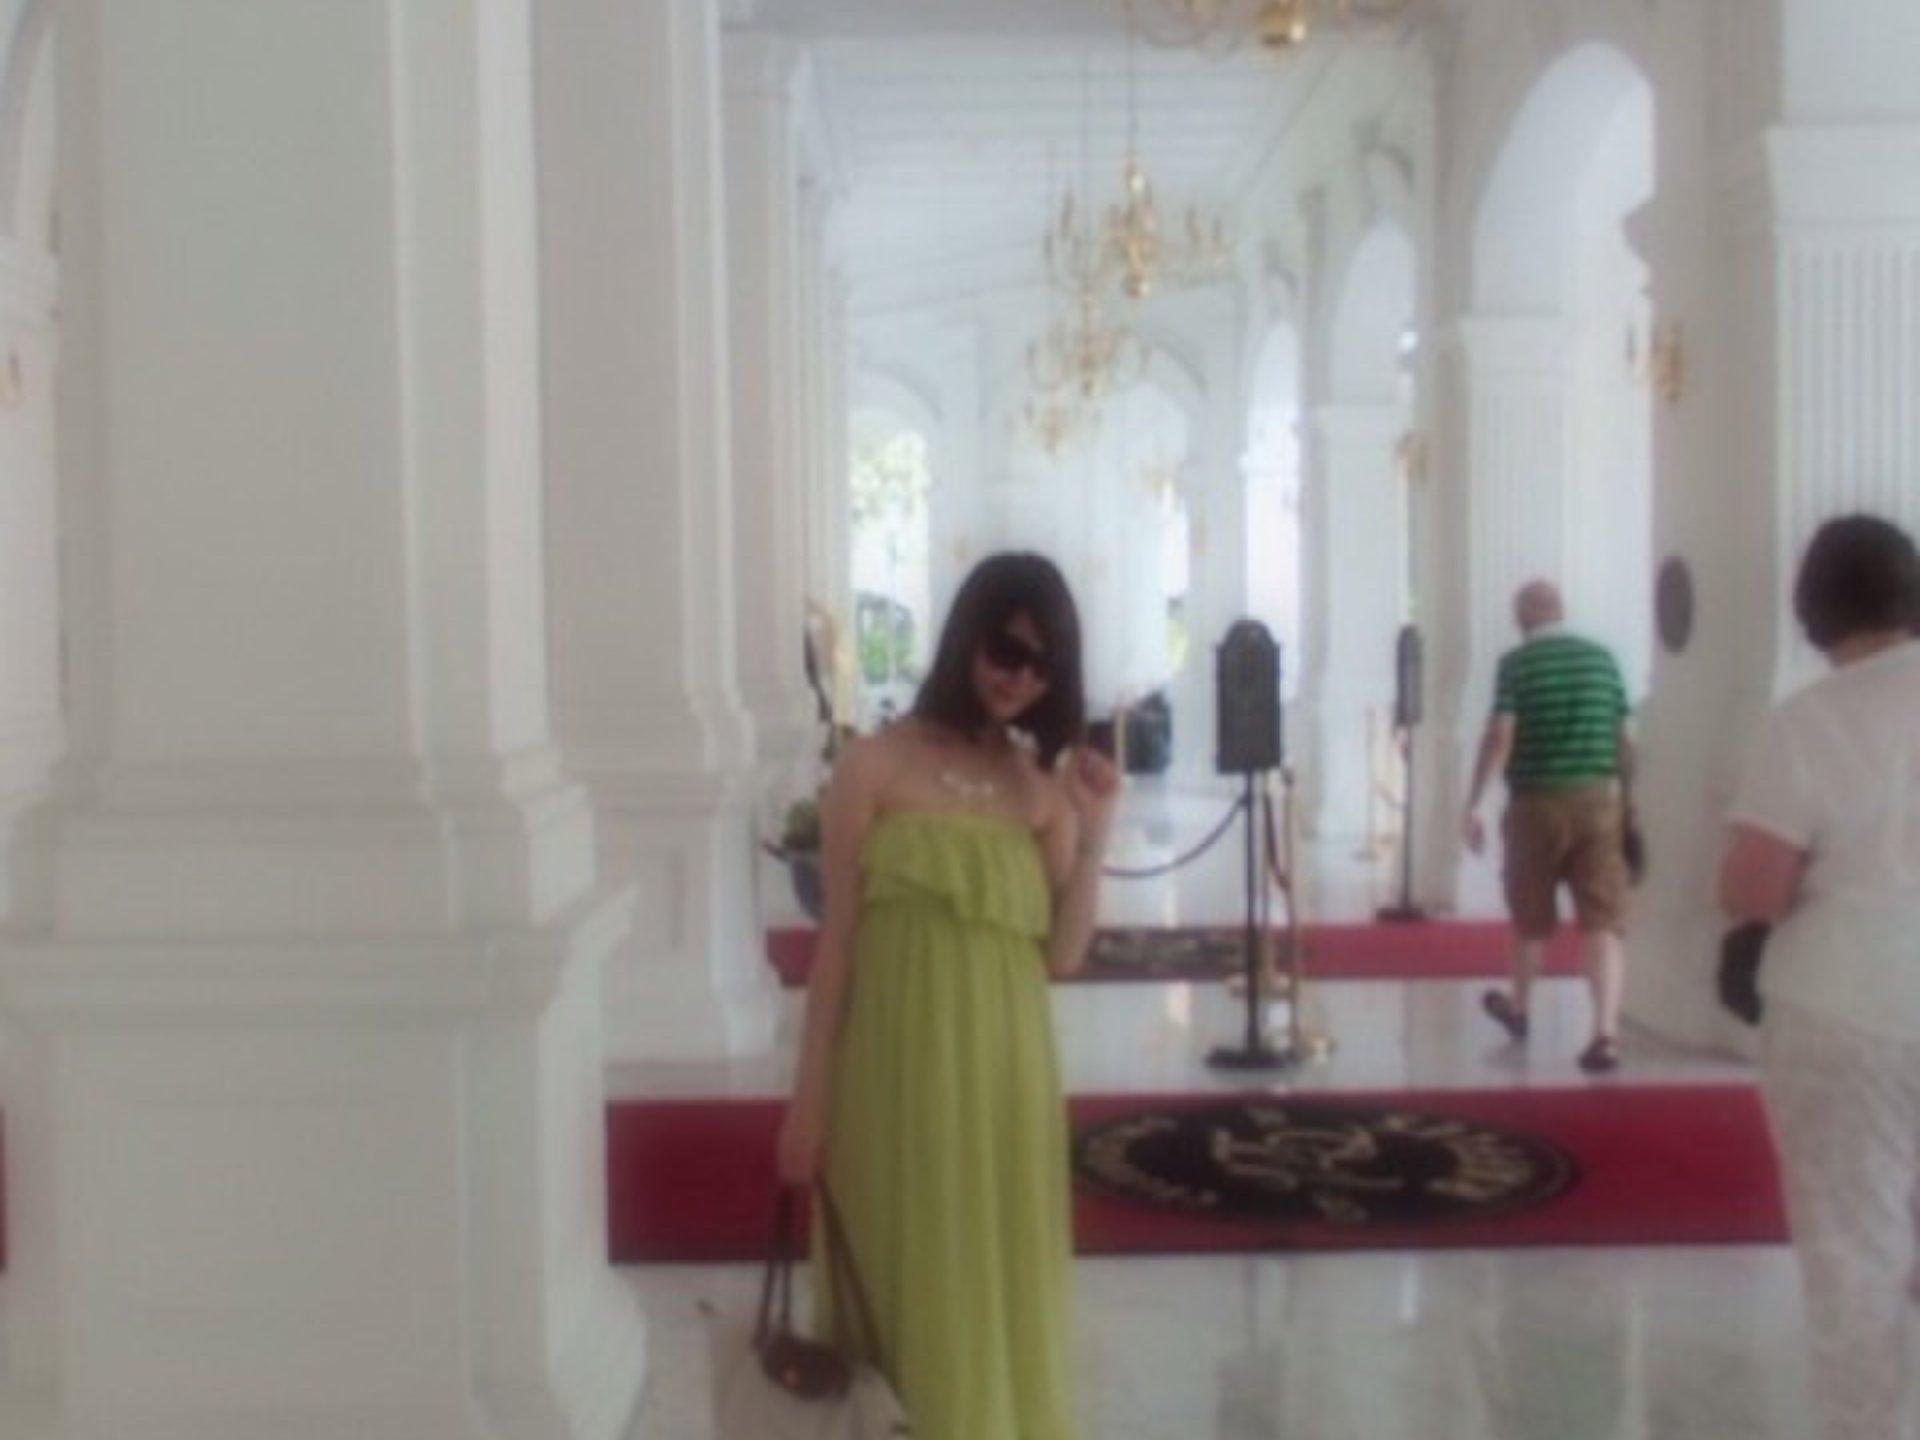 【シンガポール旅行】写真が盛れる素敵ホテル♥からのハイティーが出来るお散歩コース